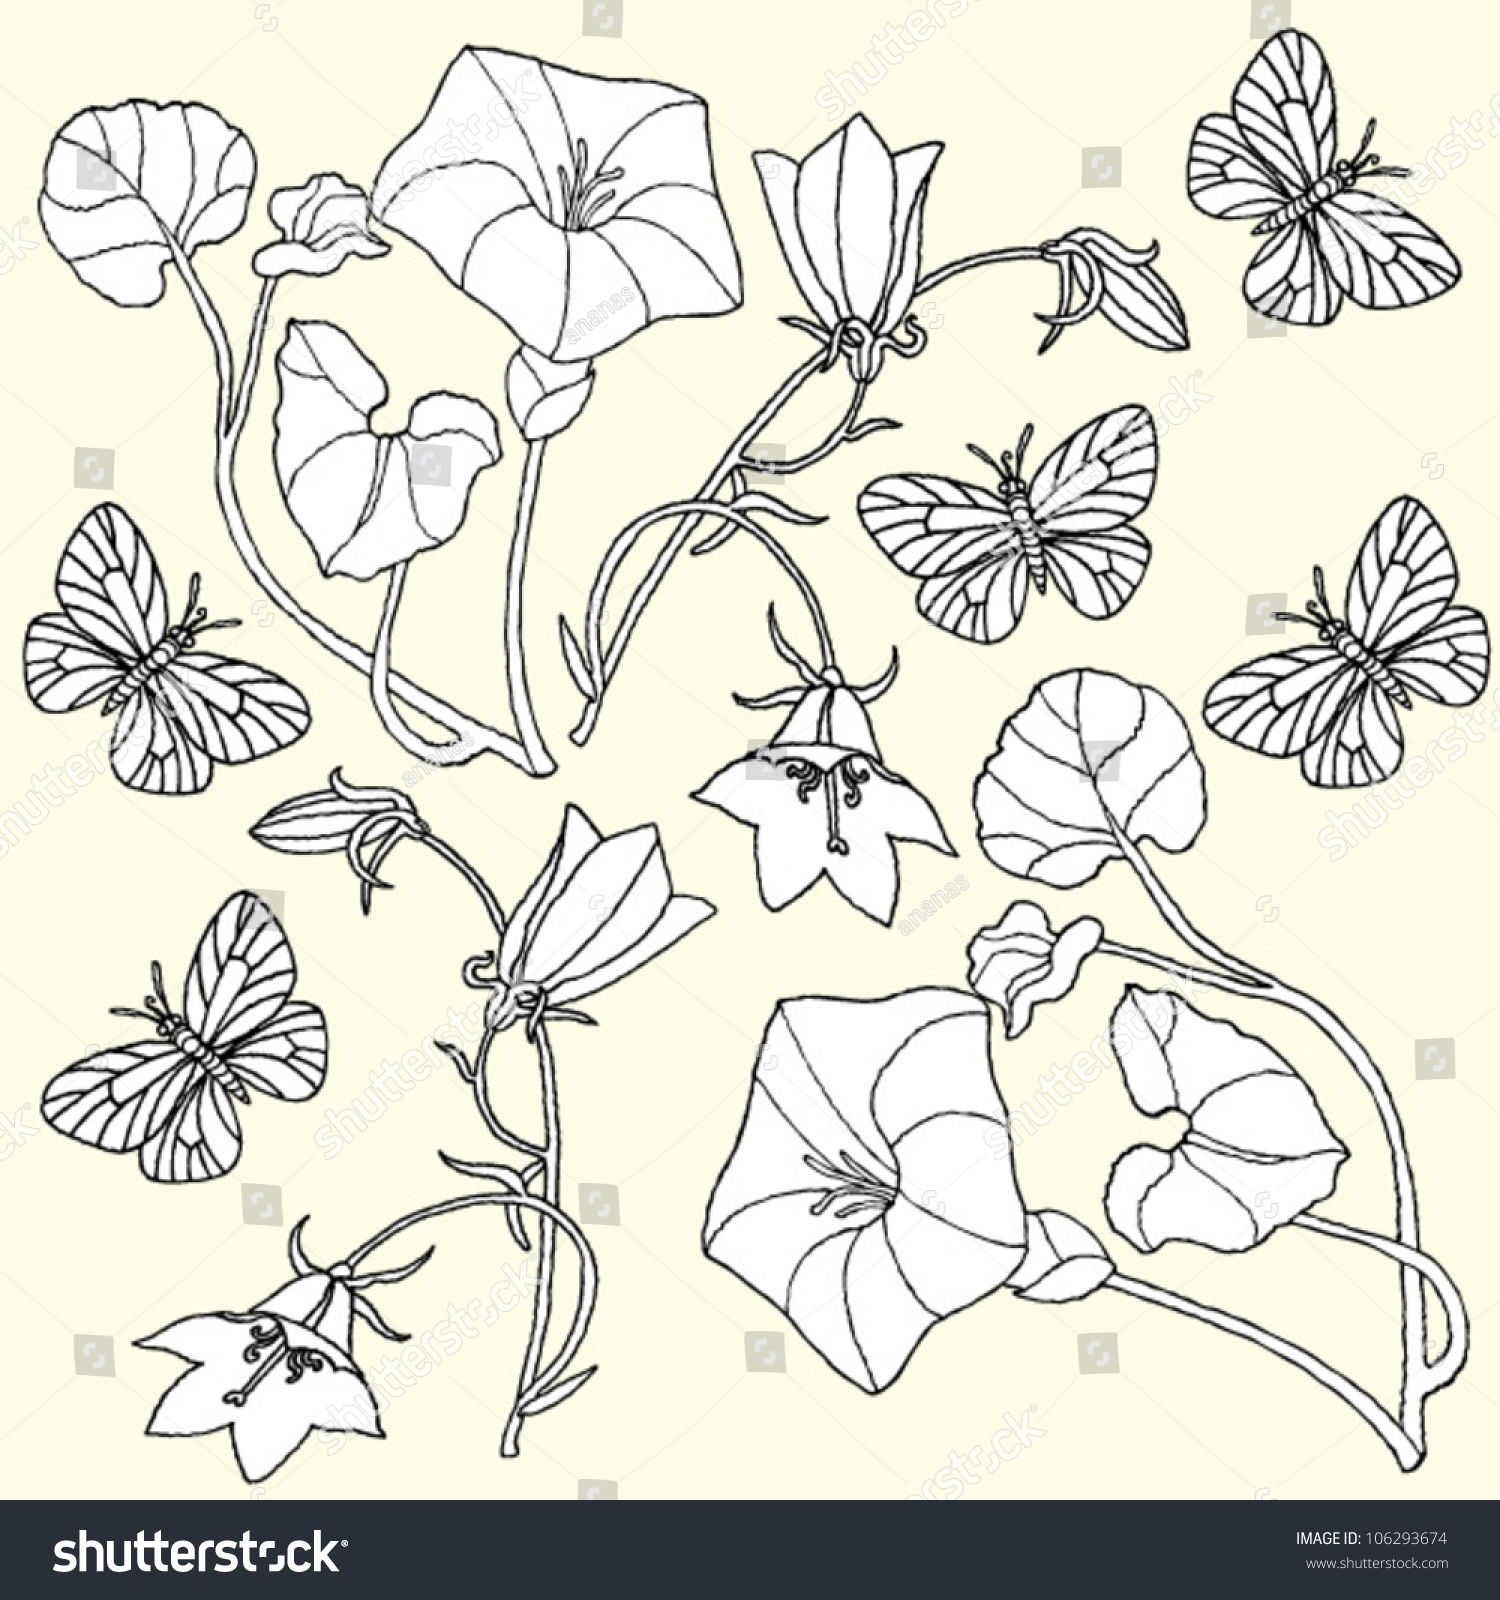 flowers butterflies drawing stock vector 106293674 shutterstock